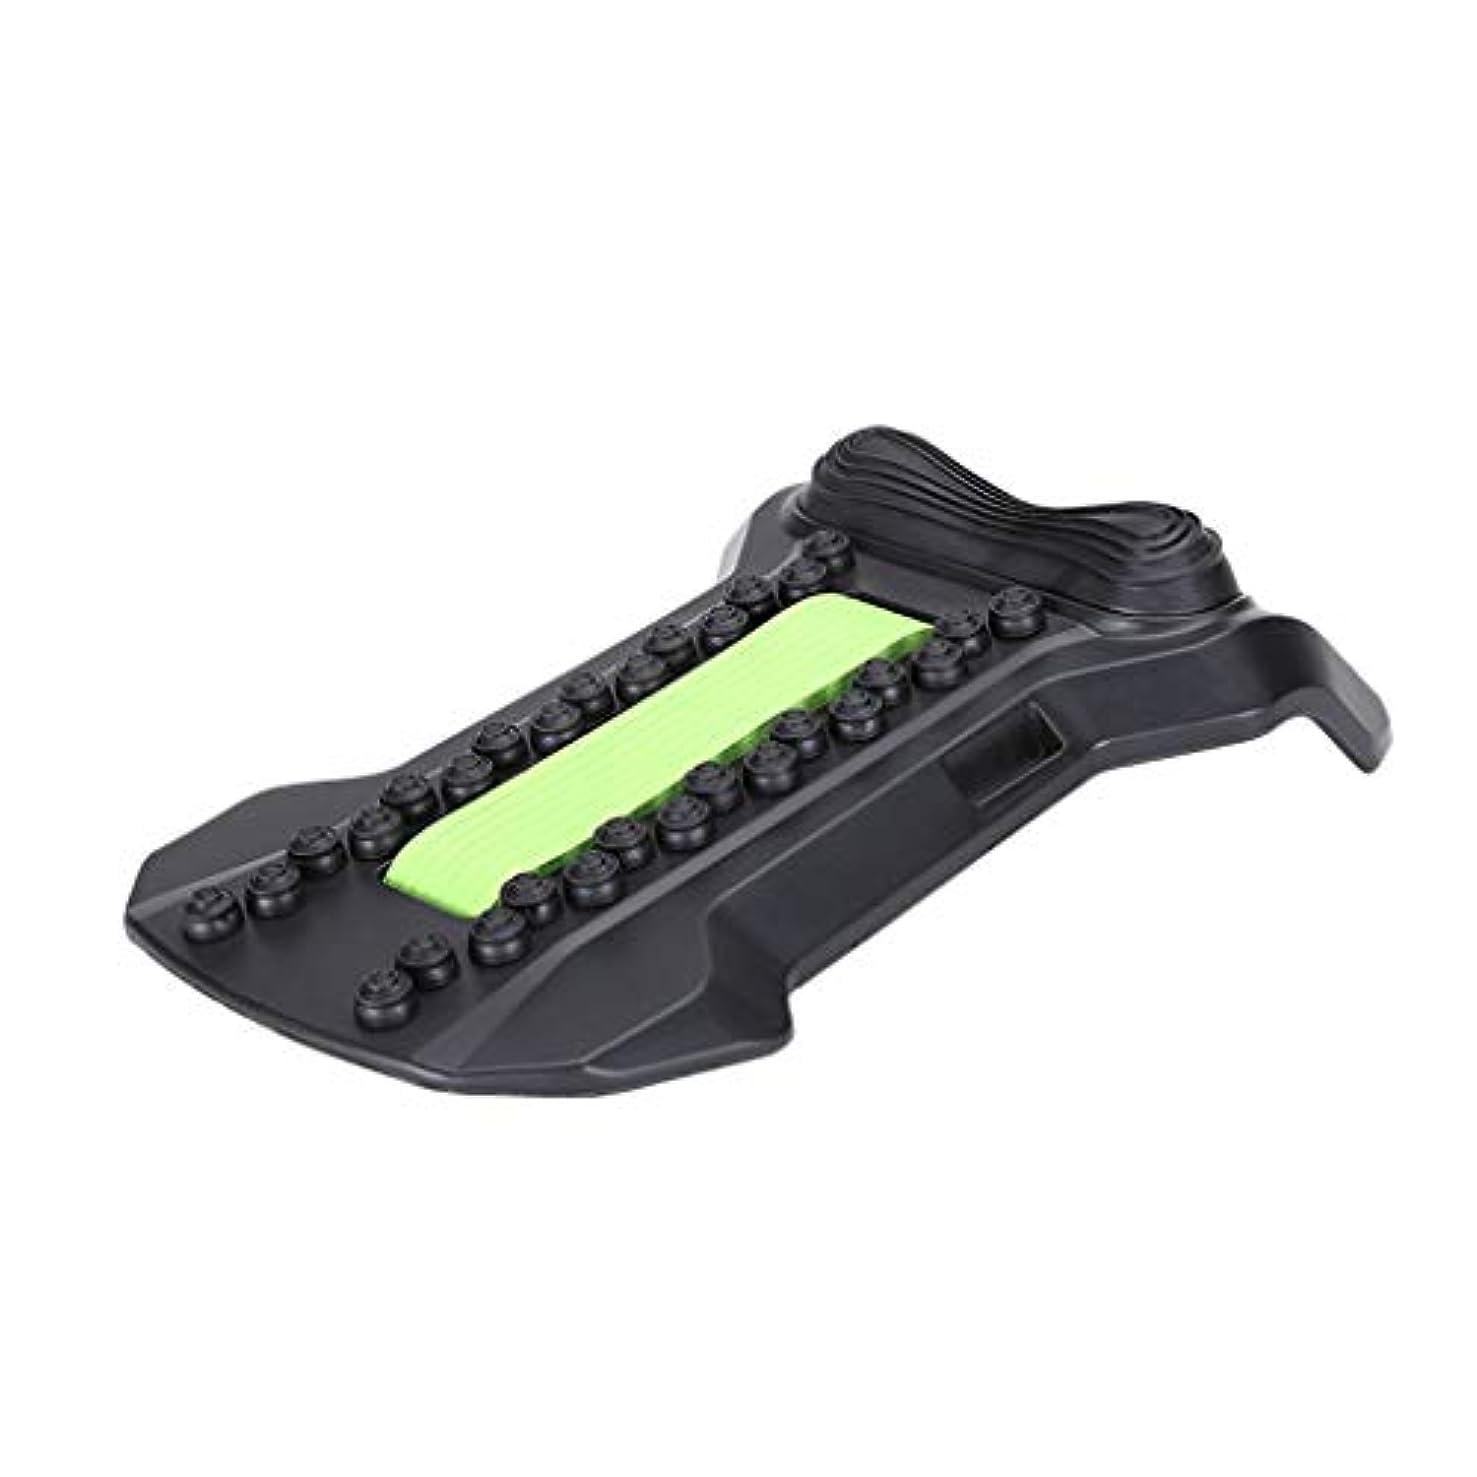 データ返済シネマ背部マッサージャーの伸張装置、腰椎サポート弛緩の魔法の伸張器の適性の仲間の脊椎の痛みを和らげるカイロプラクター,Green